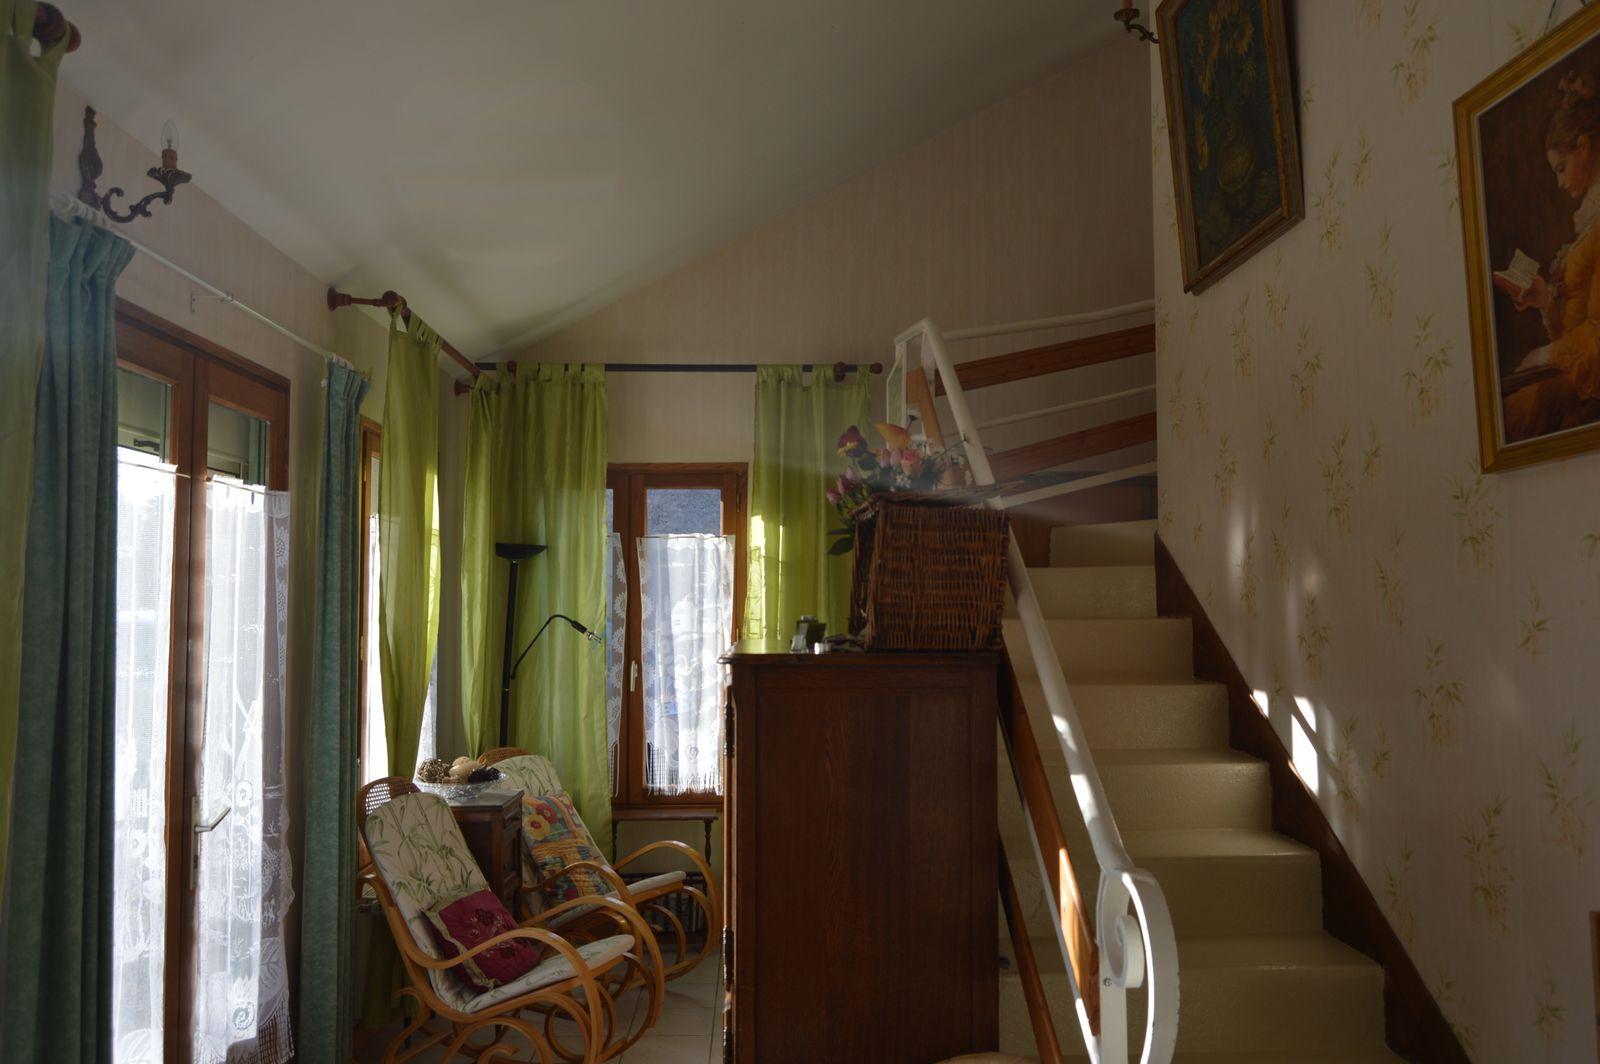 escalier pour le premier etage